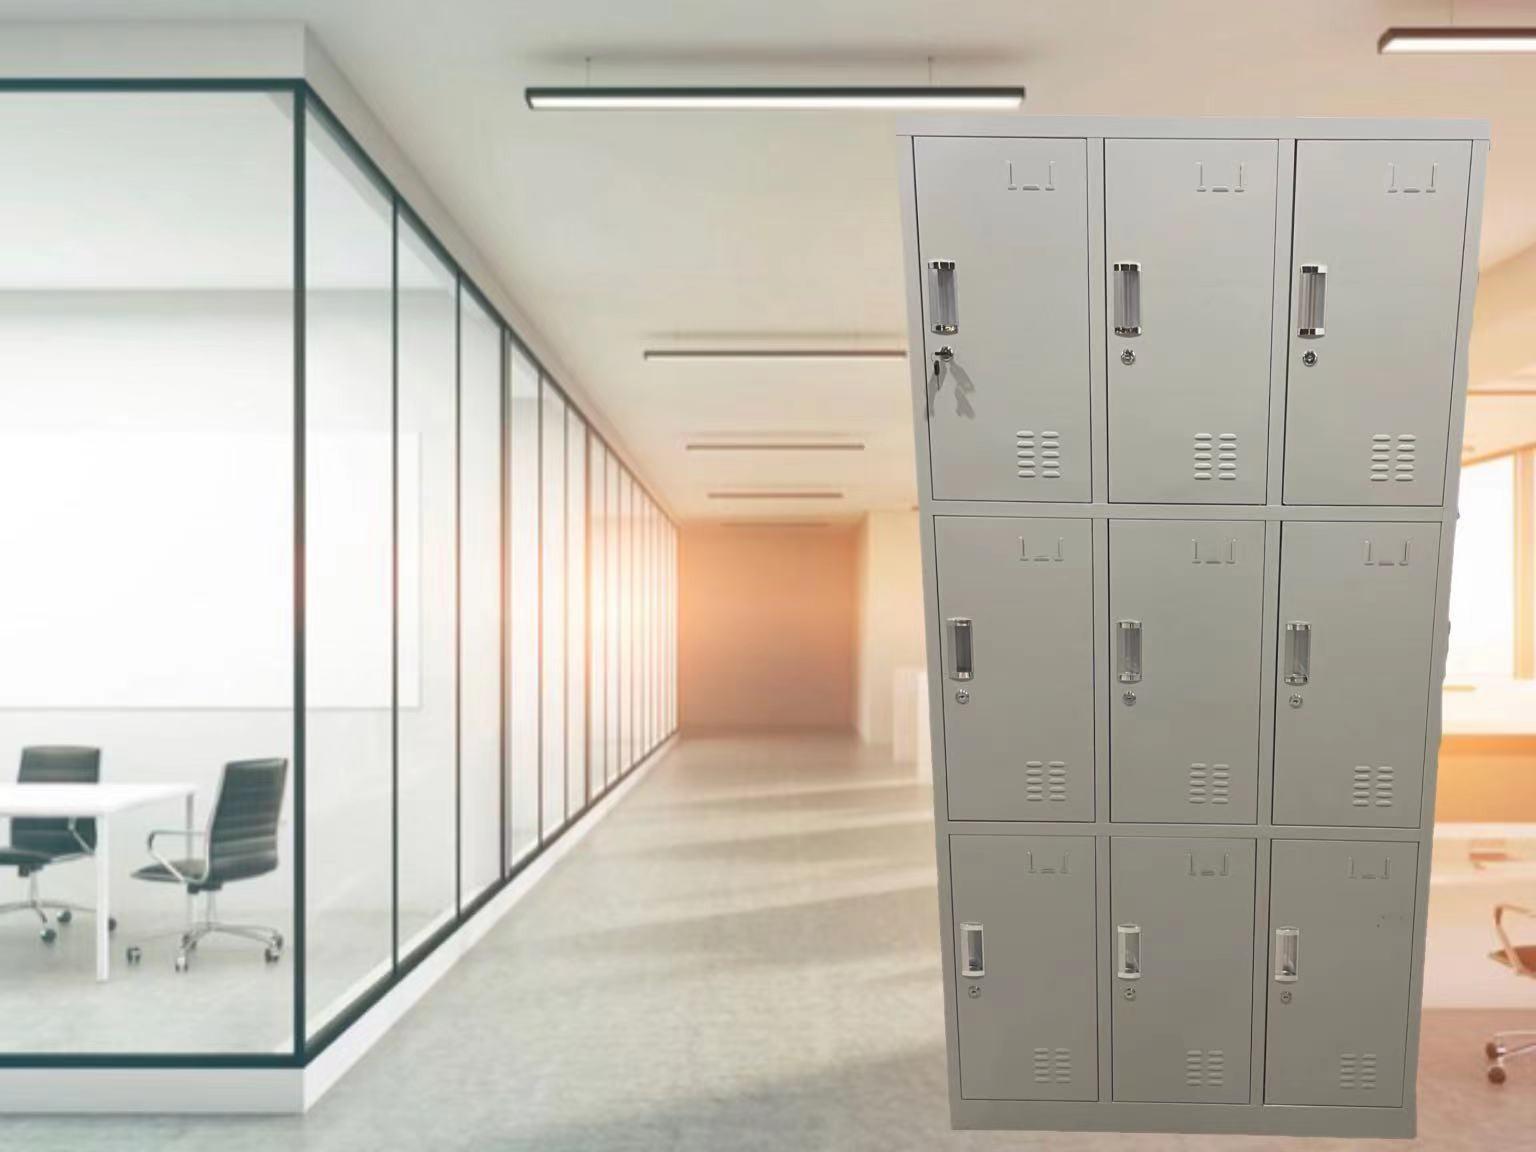 钢制更衣柜员工储物柜6门9门铁皮柜健身房洗浴衣柜鞋柜收纳柜带锁